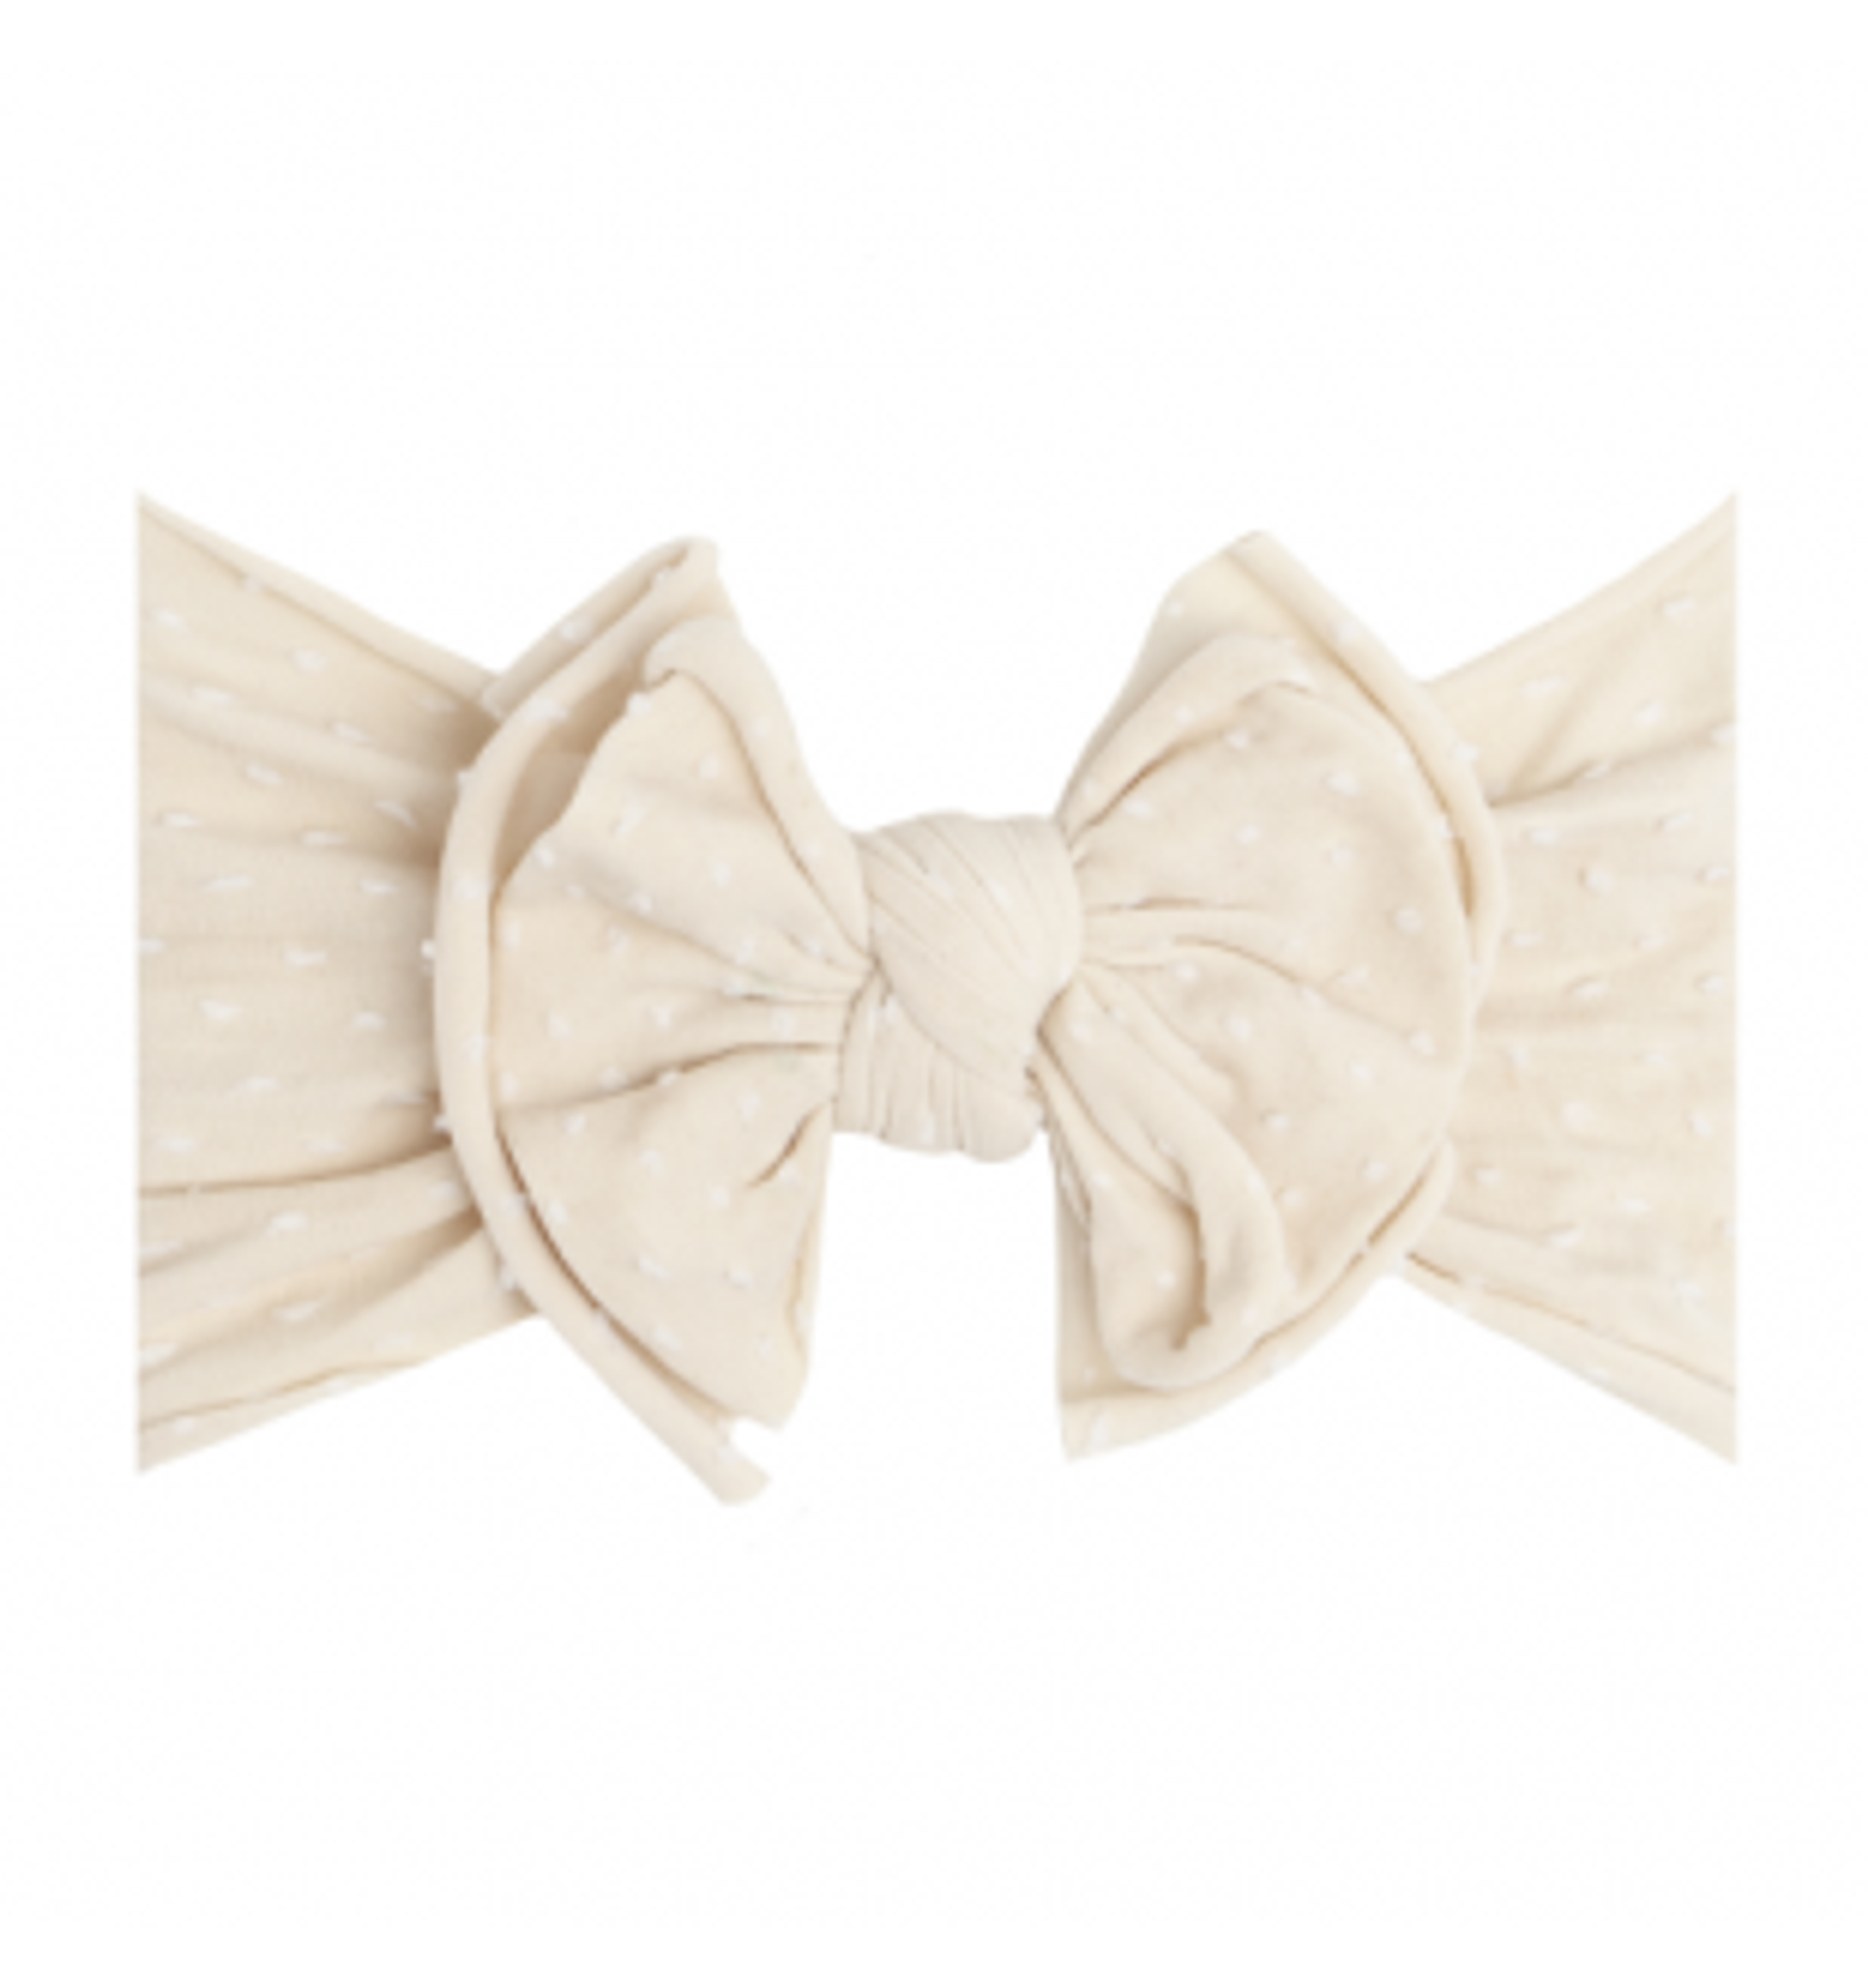 Shab-Bow-Lous Headband - Oatmeal Dot